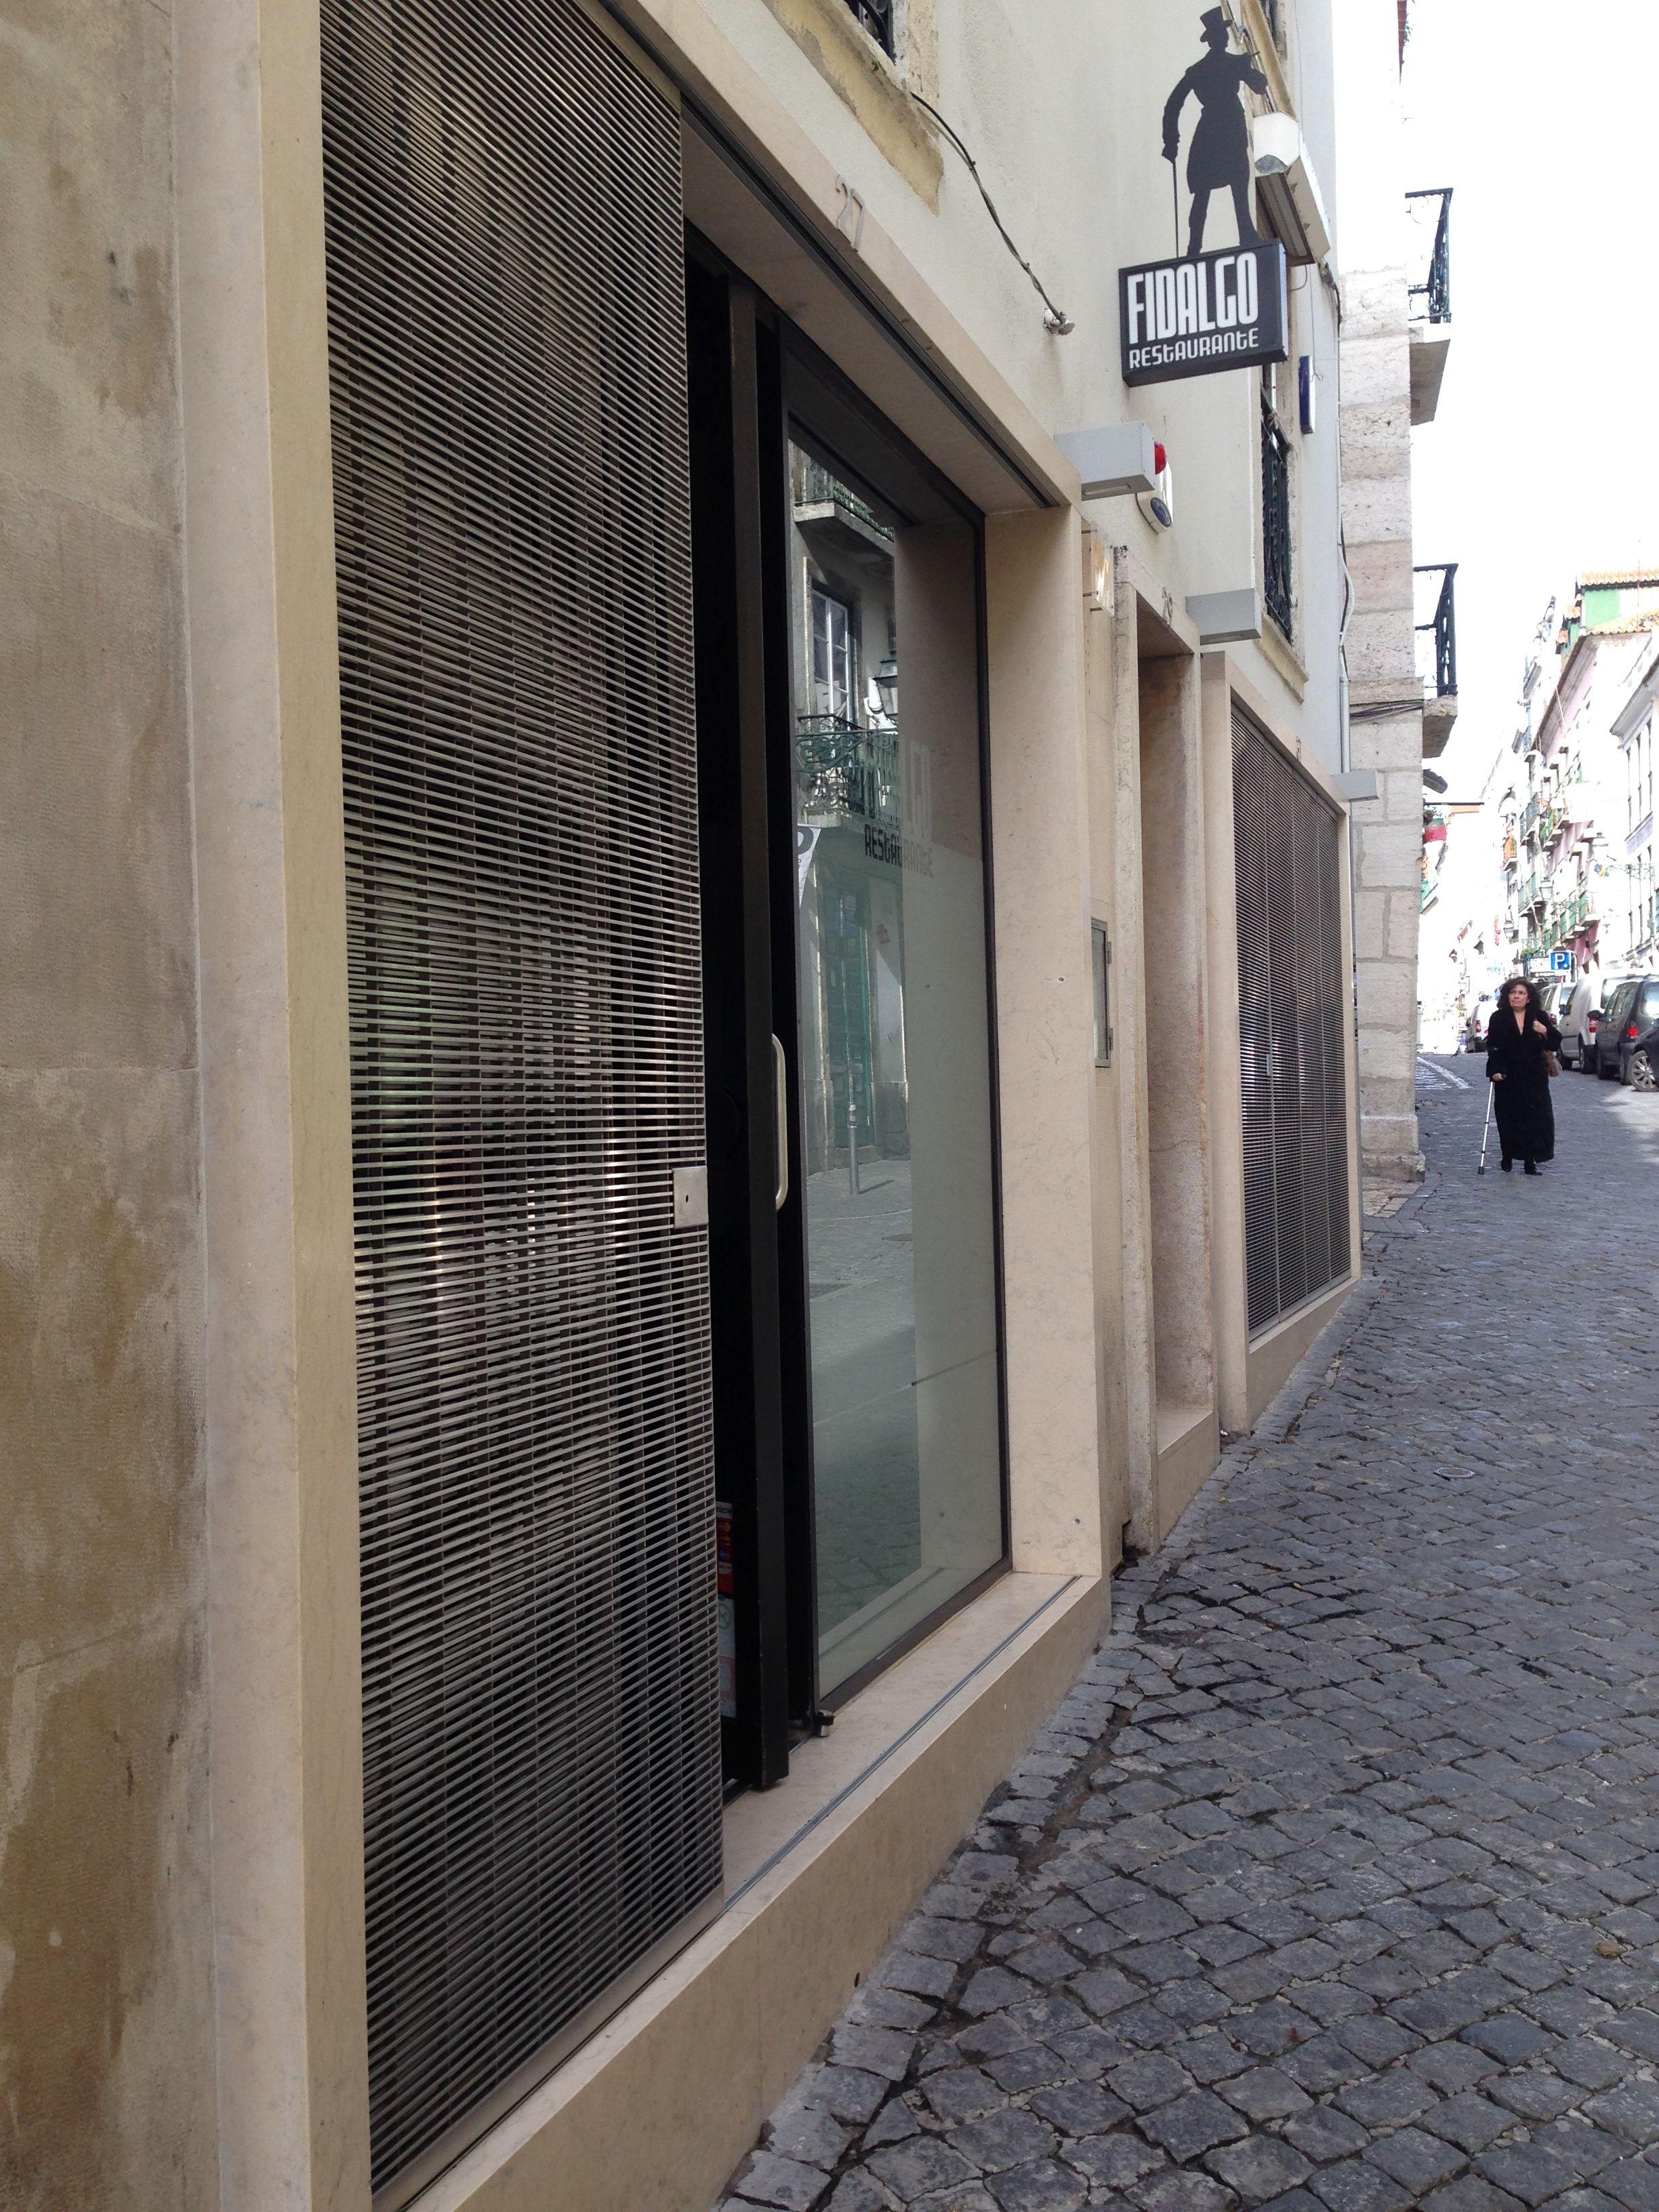 EUROSLOT Restaurante Fidalgo